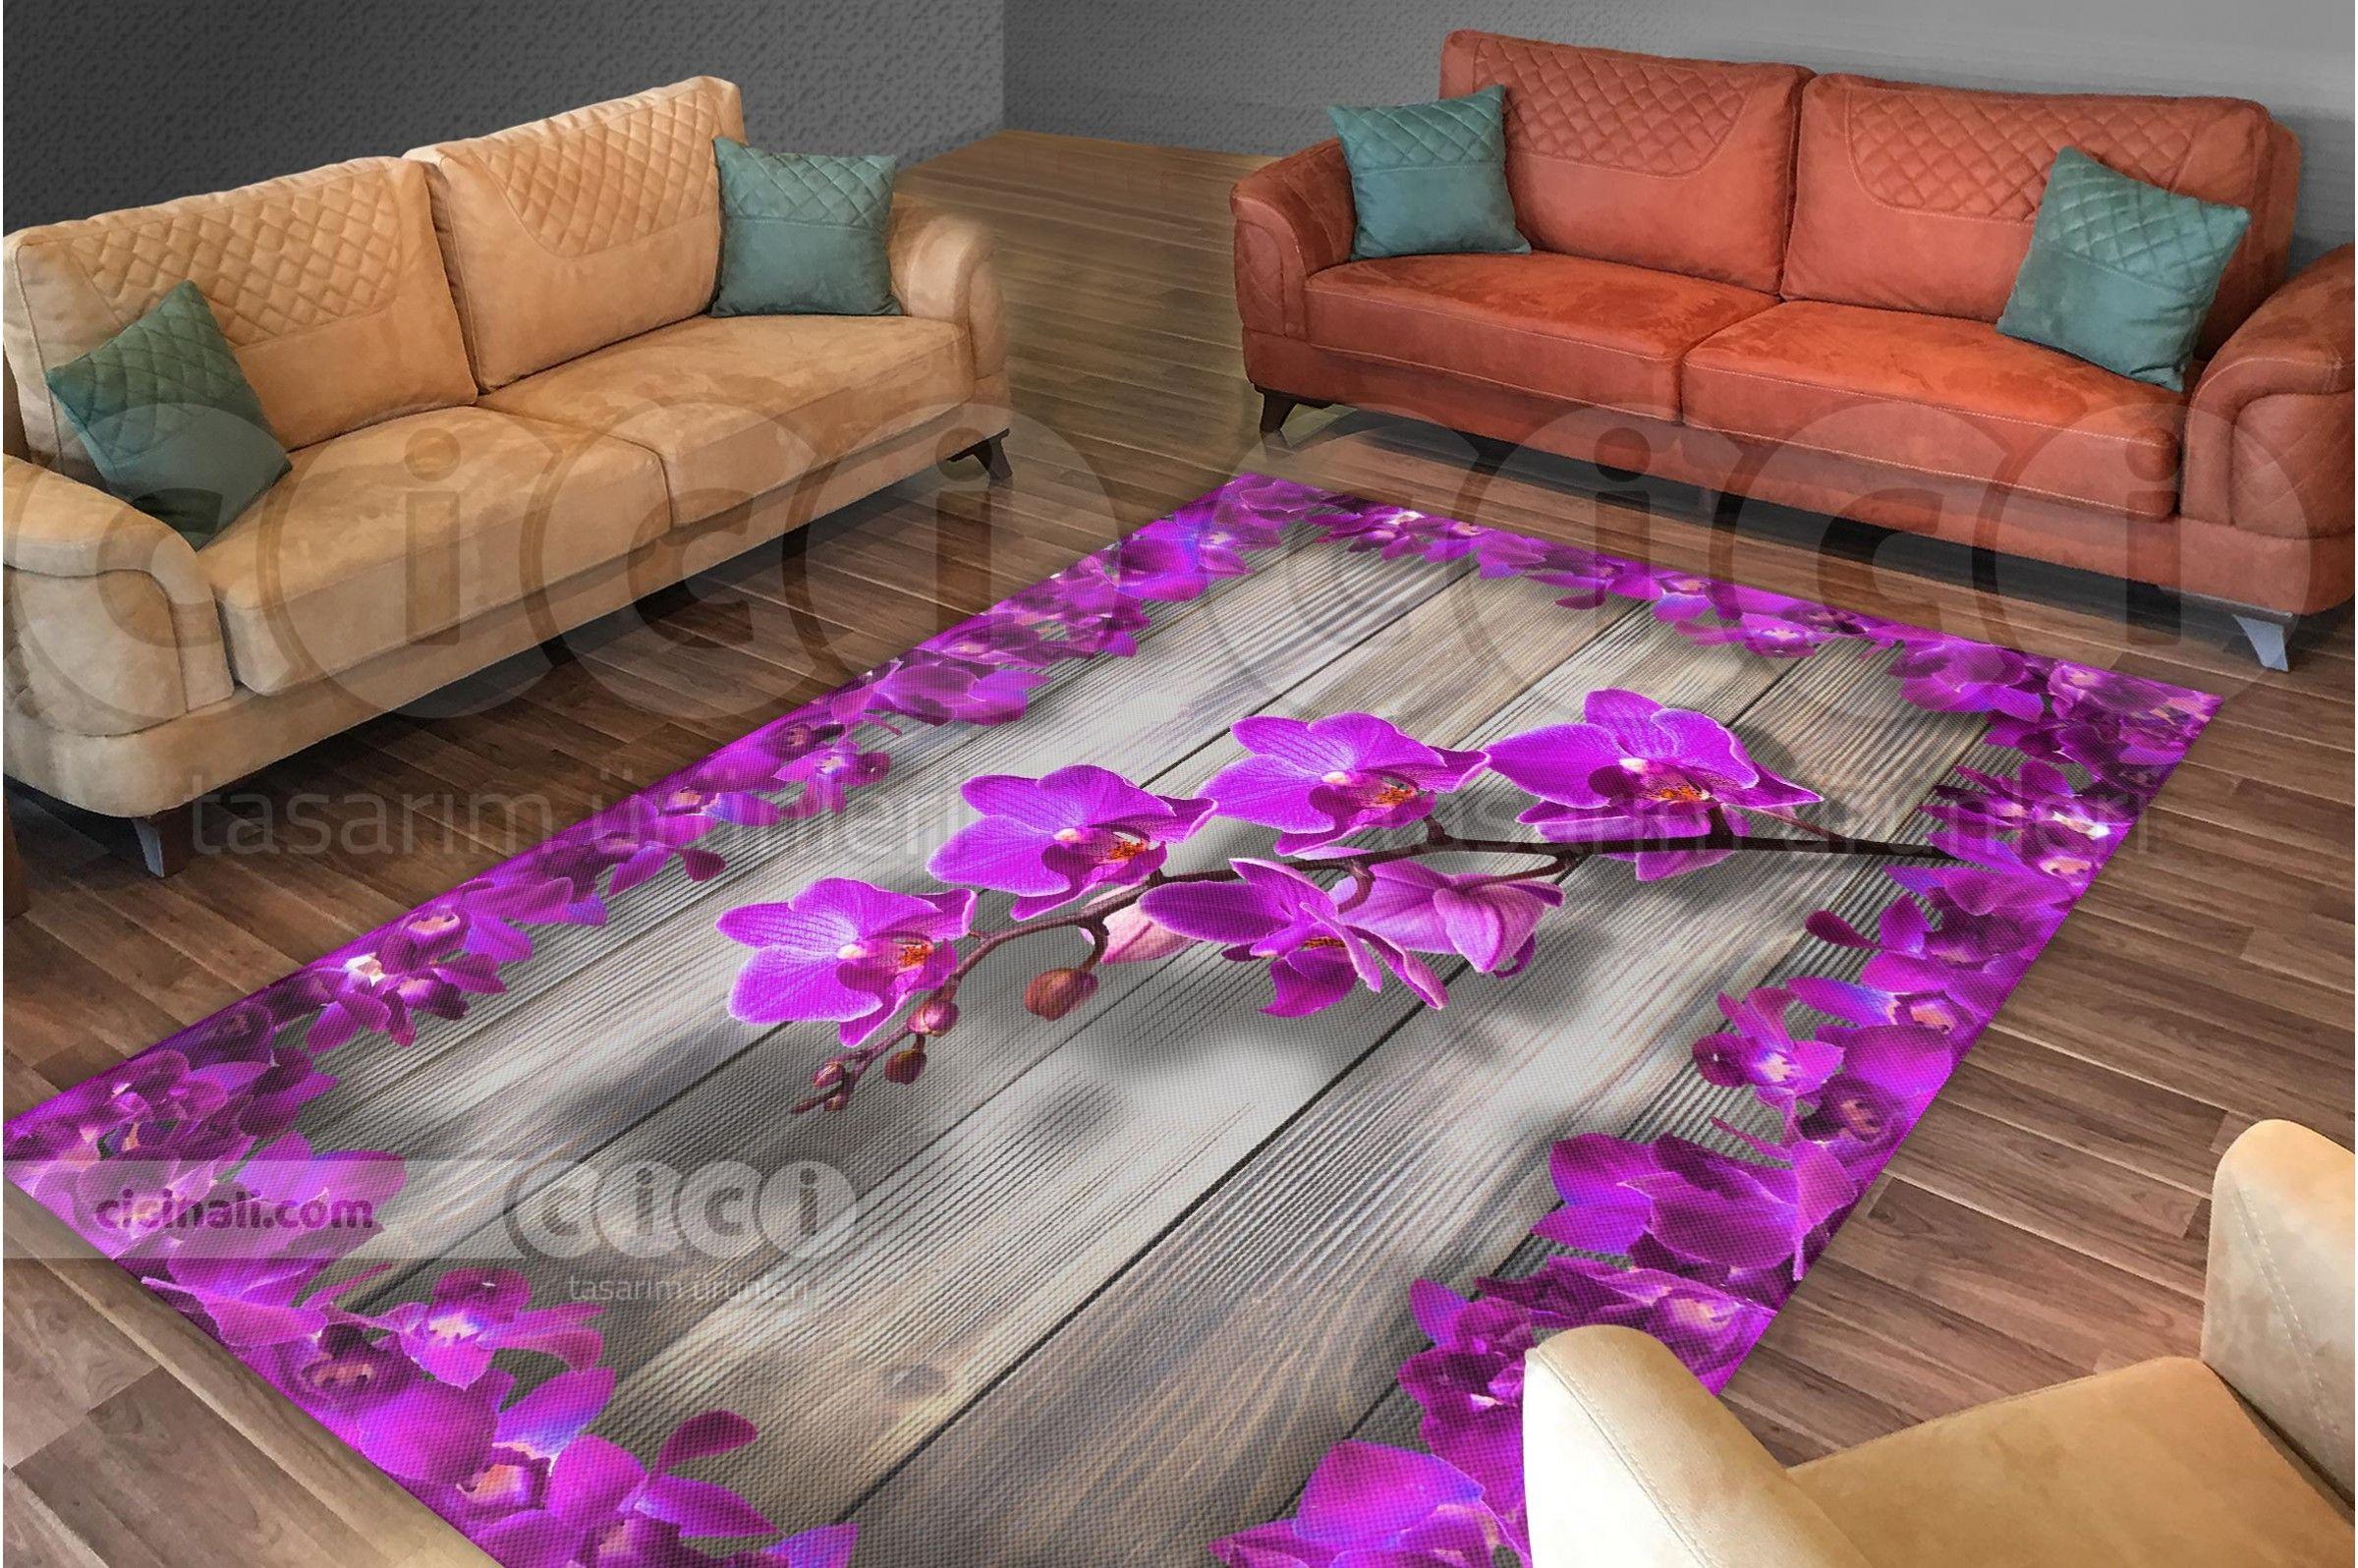 Beyaz Taslar Uzerinde Mavi Dahlia Cicegi 3 Boyutlu Hali Ortusu Hali Nevresimi Coffee Table Decor Home Decor